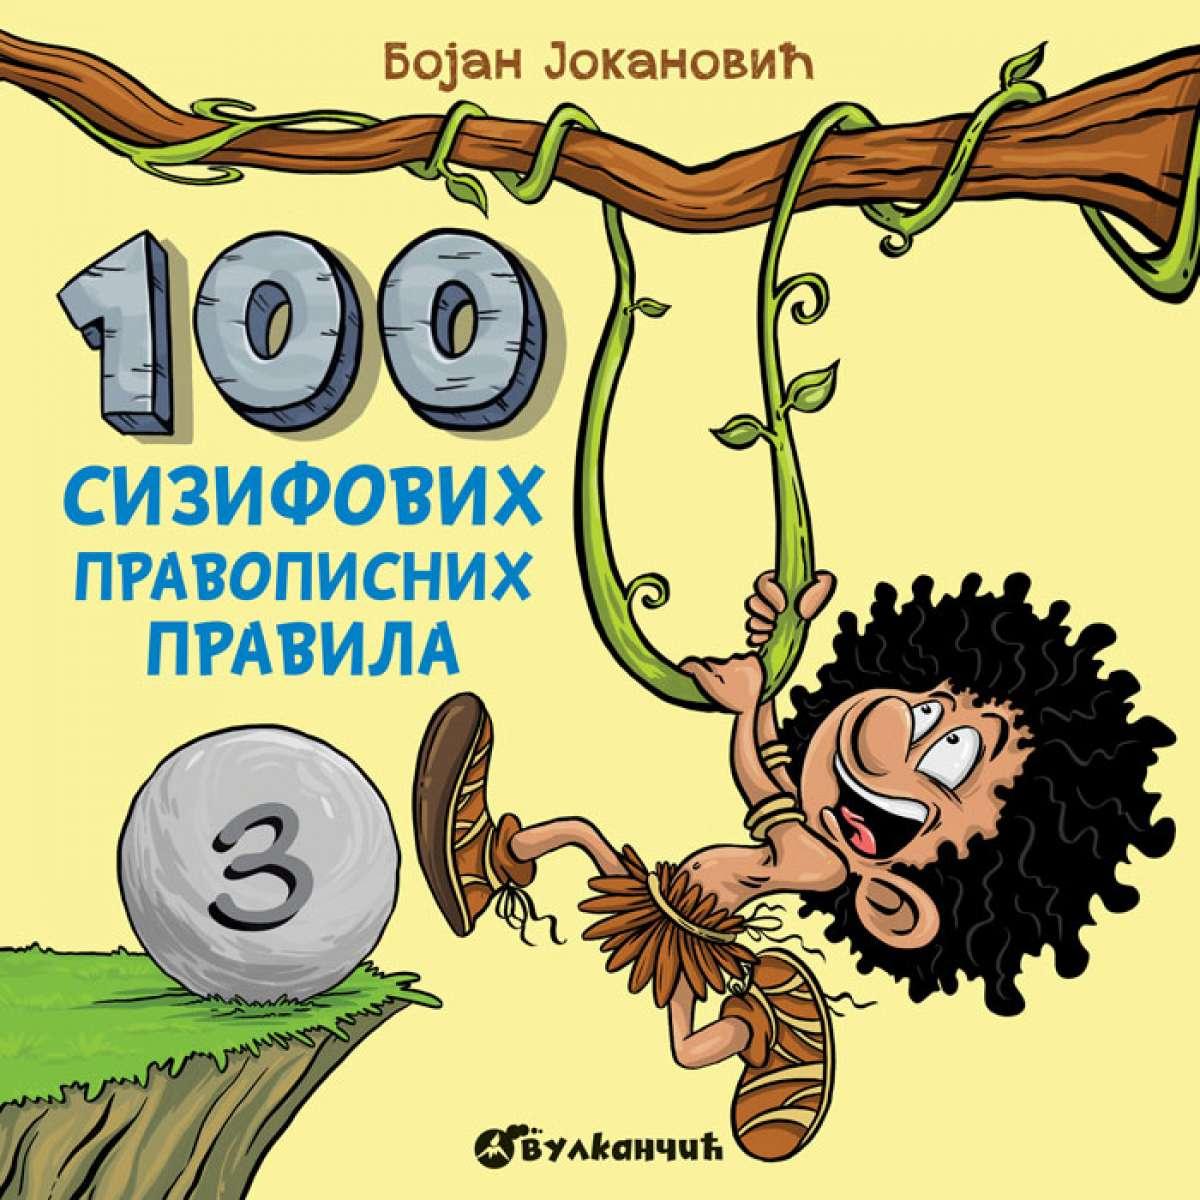 100 SIZIFOVIH PRAVOPISNIH PRAVILA III